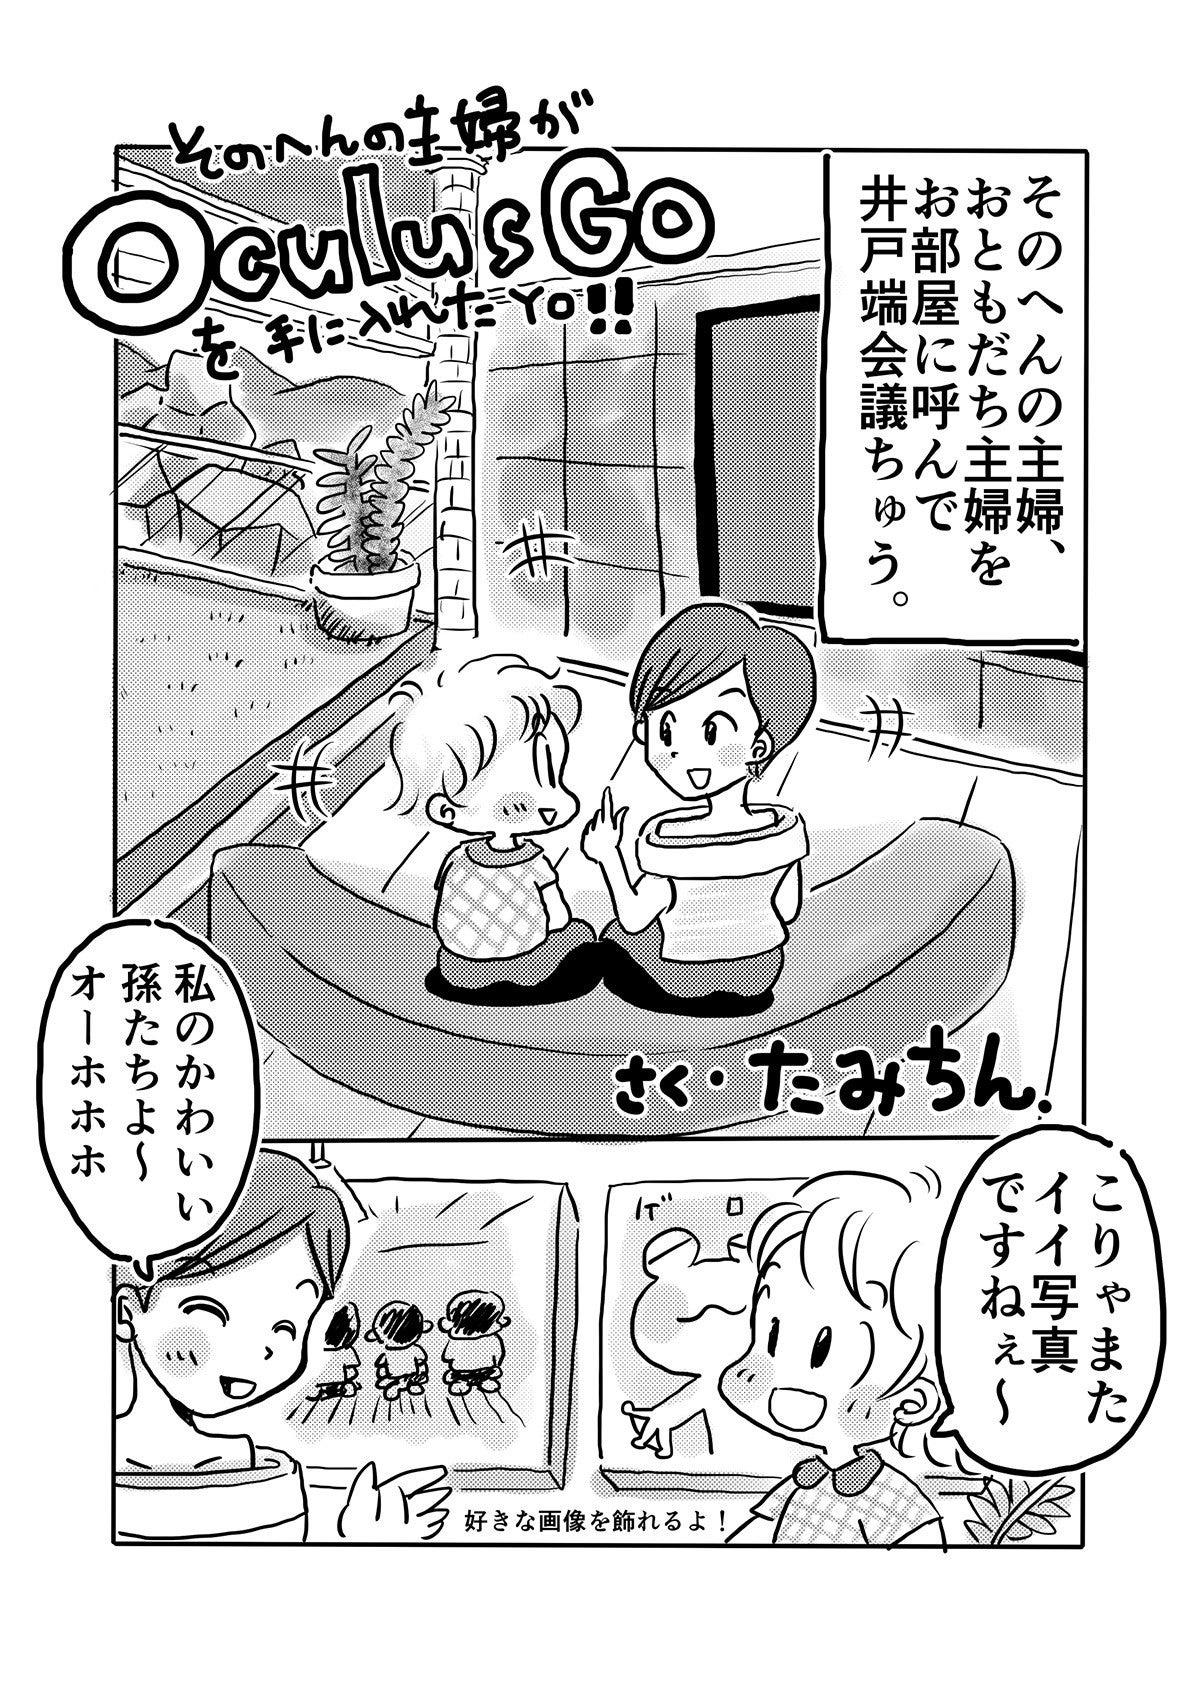 オキュラス04_出力_001